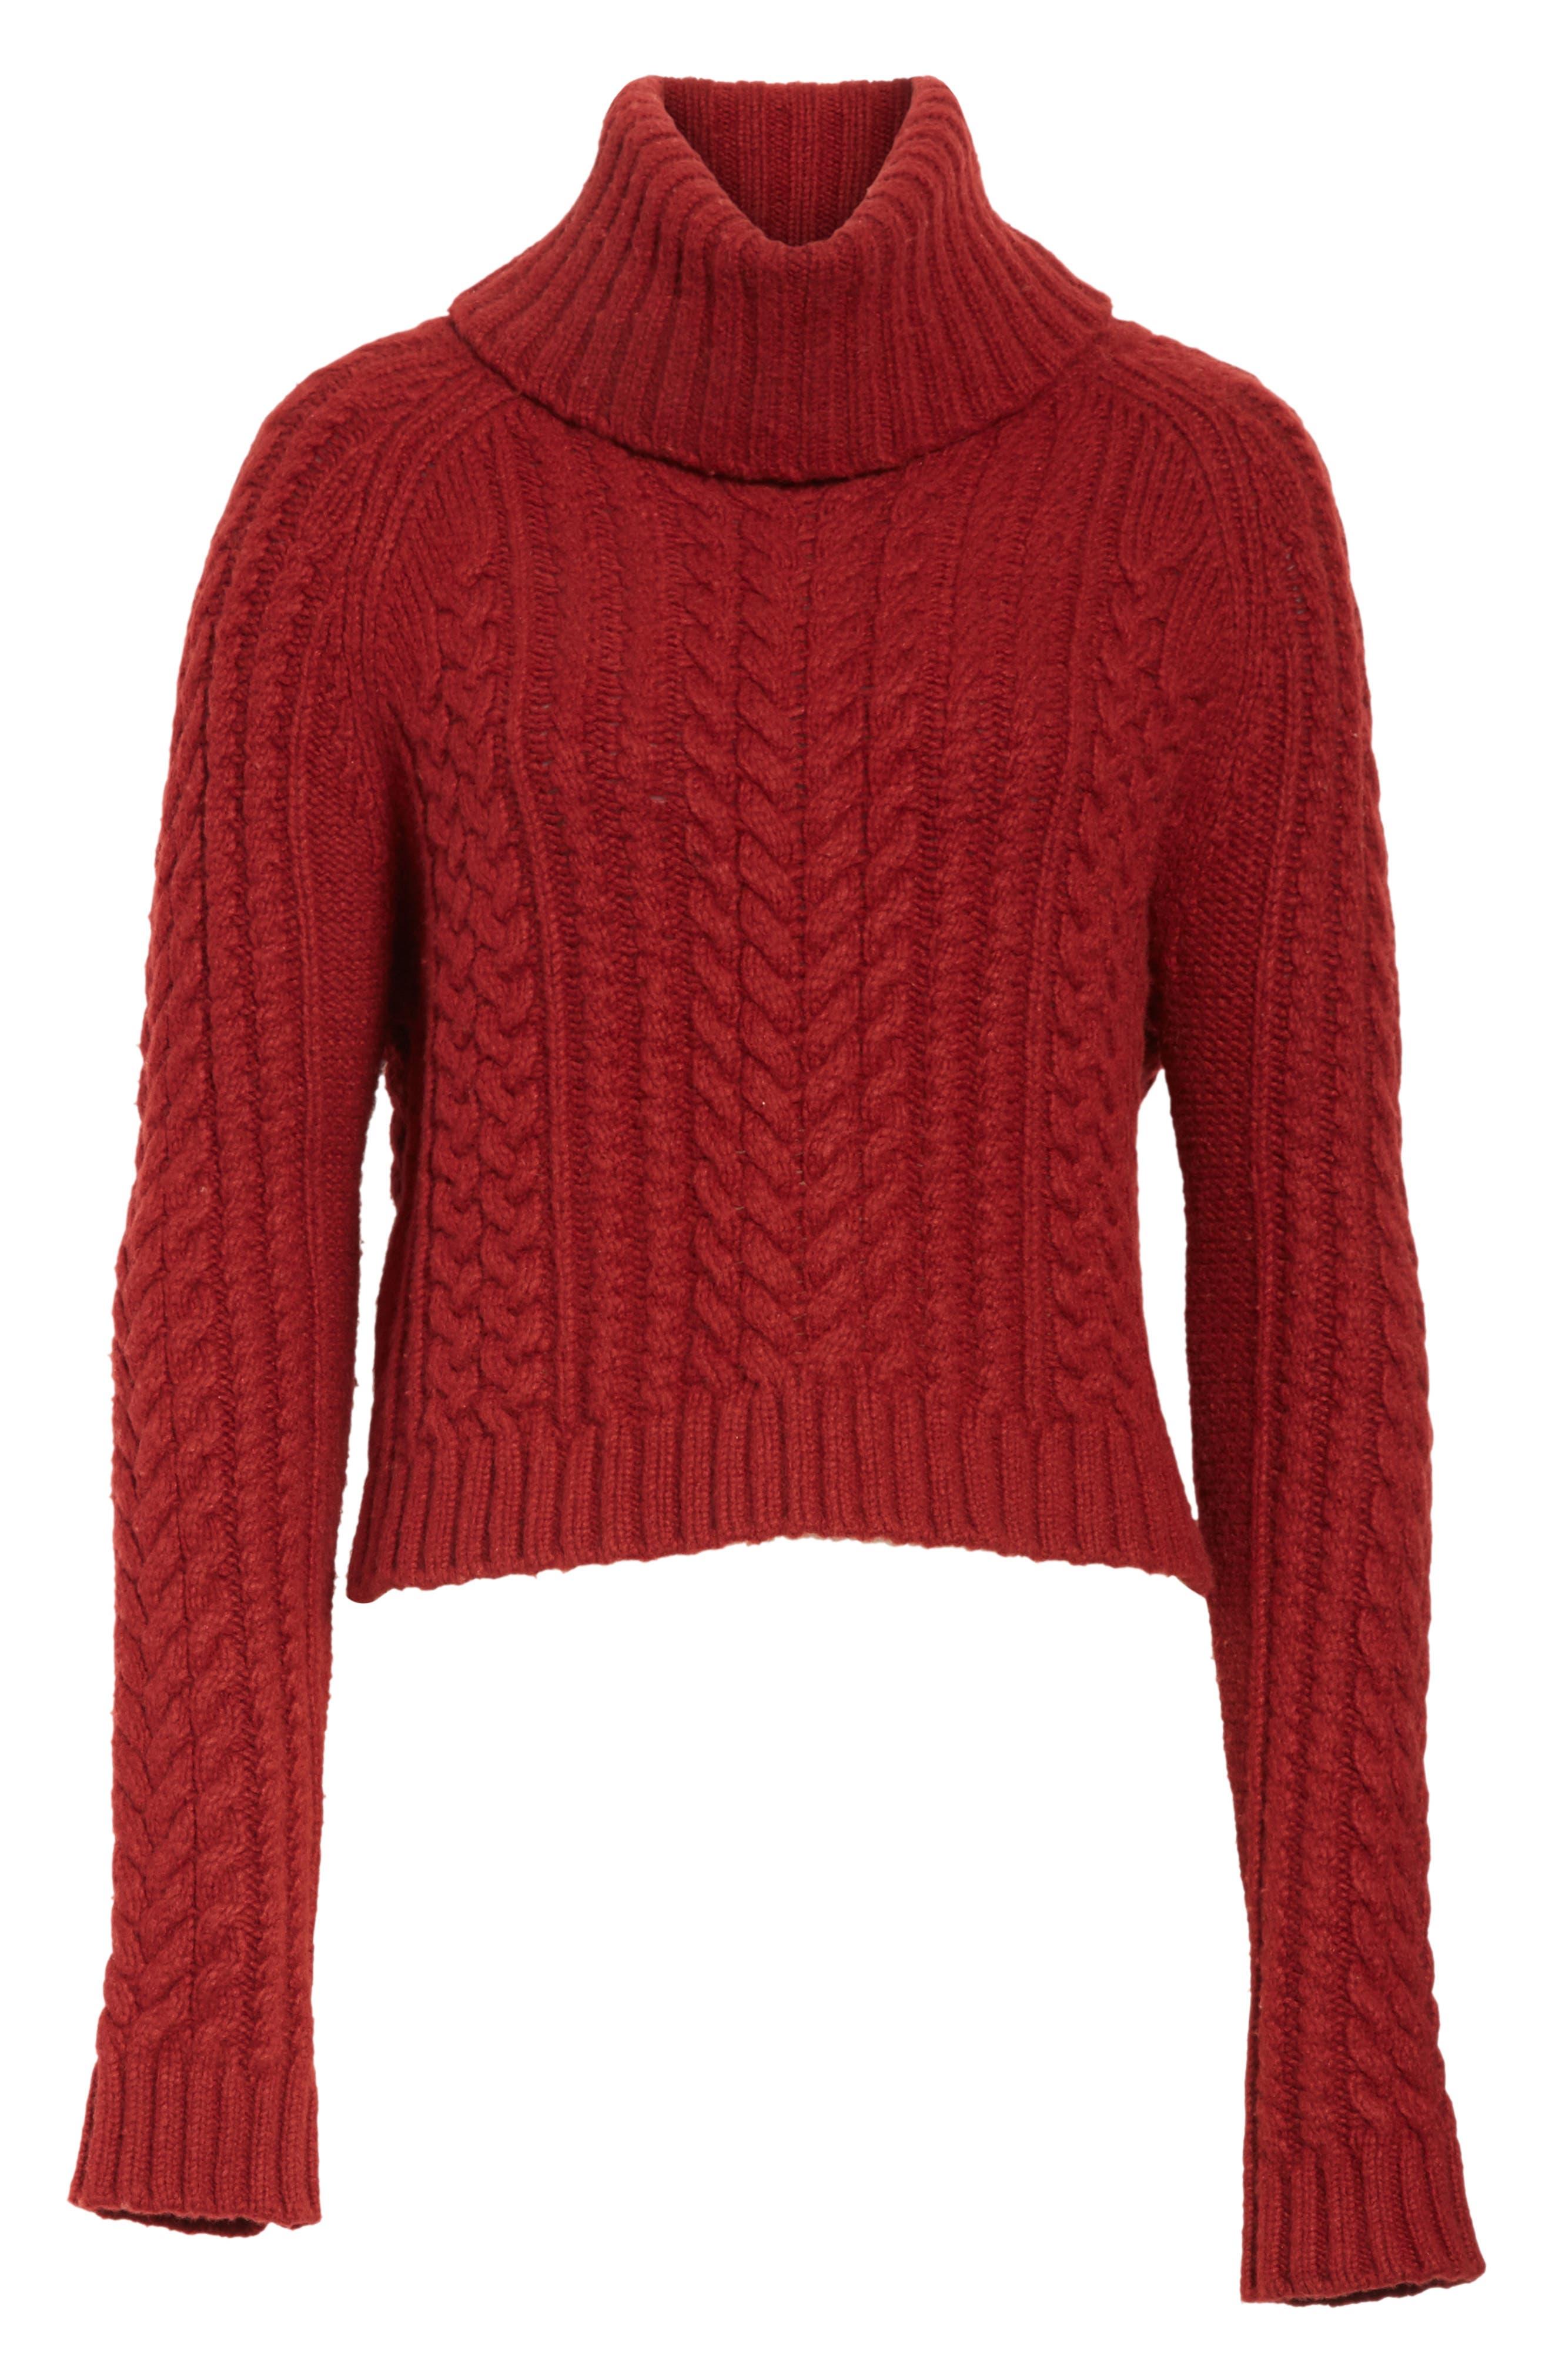 Tobin Cable Knit Crop Turtleneck Sweater,                             Alternate thumbnail 6, color,                             Bordeaux